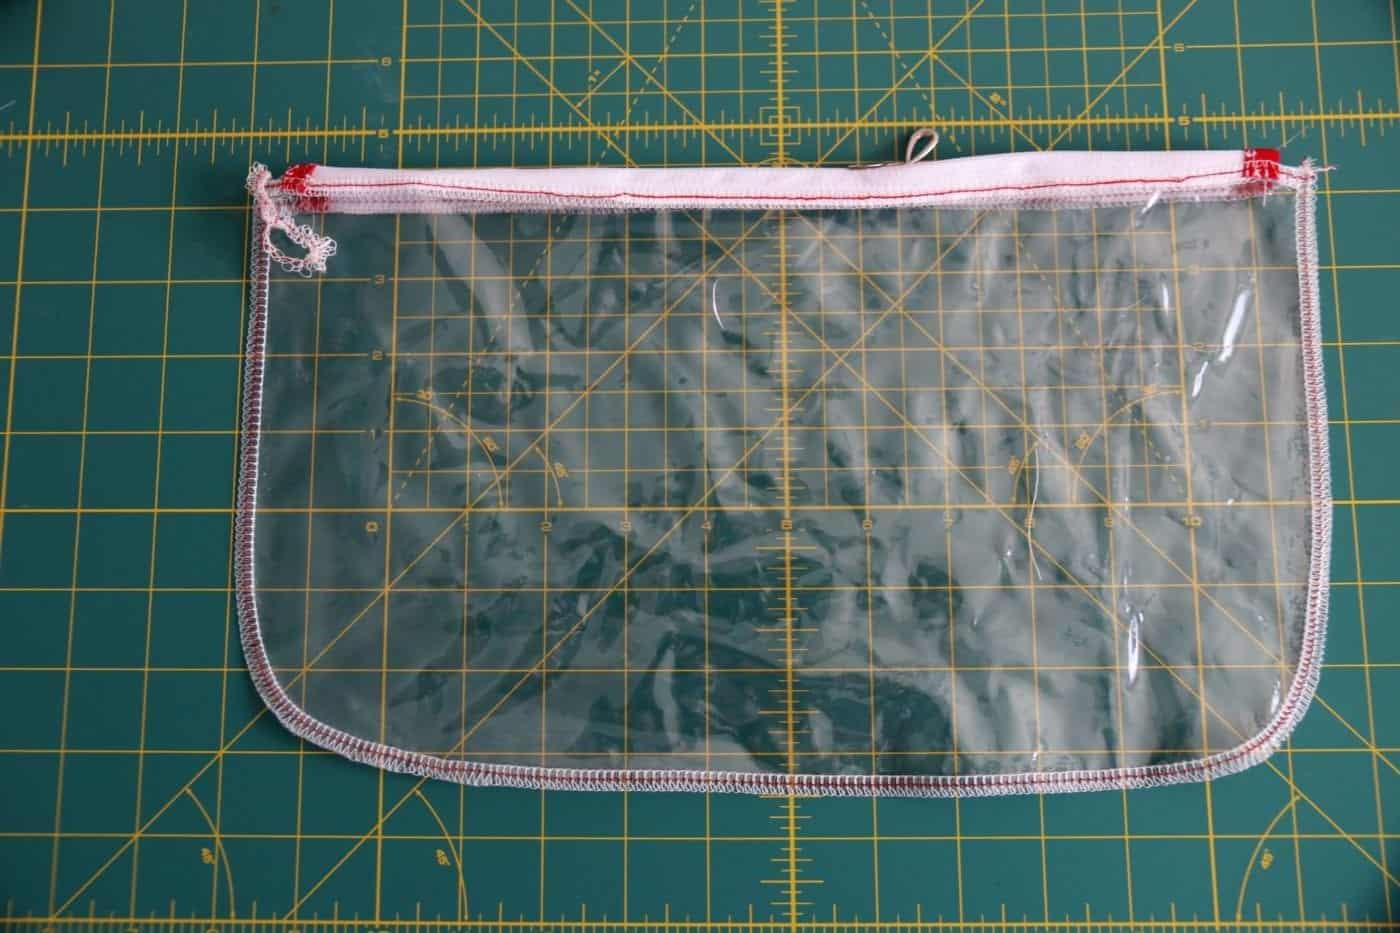 Tasche aus Klarsicht-Folie nähen